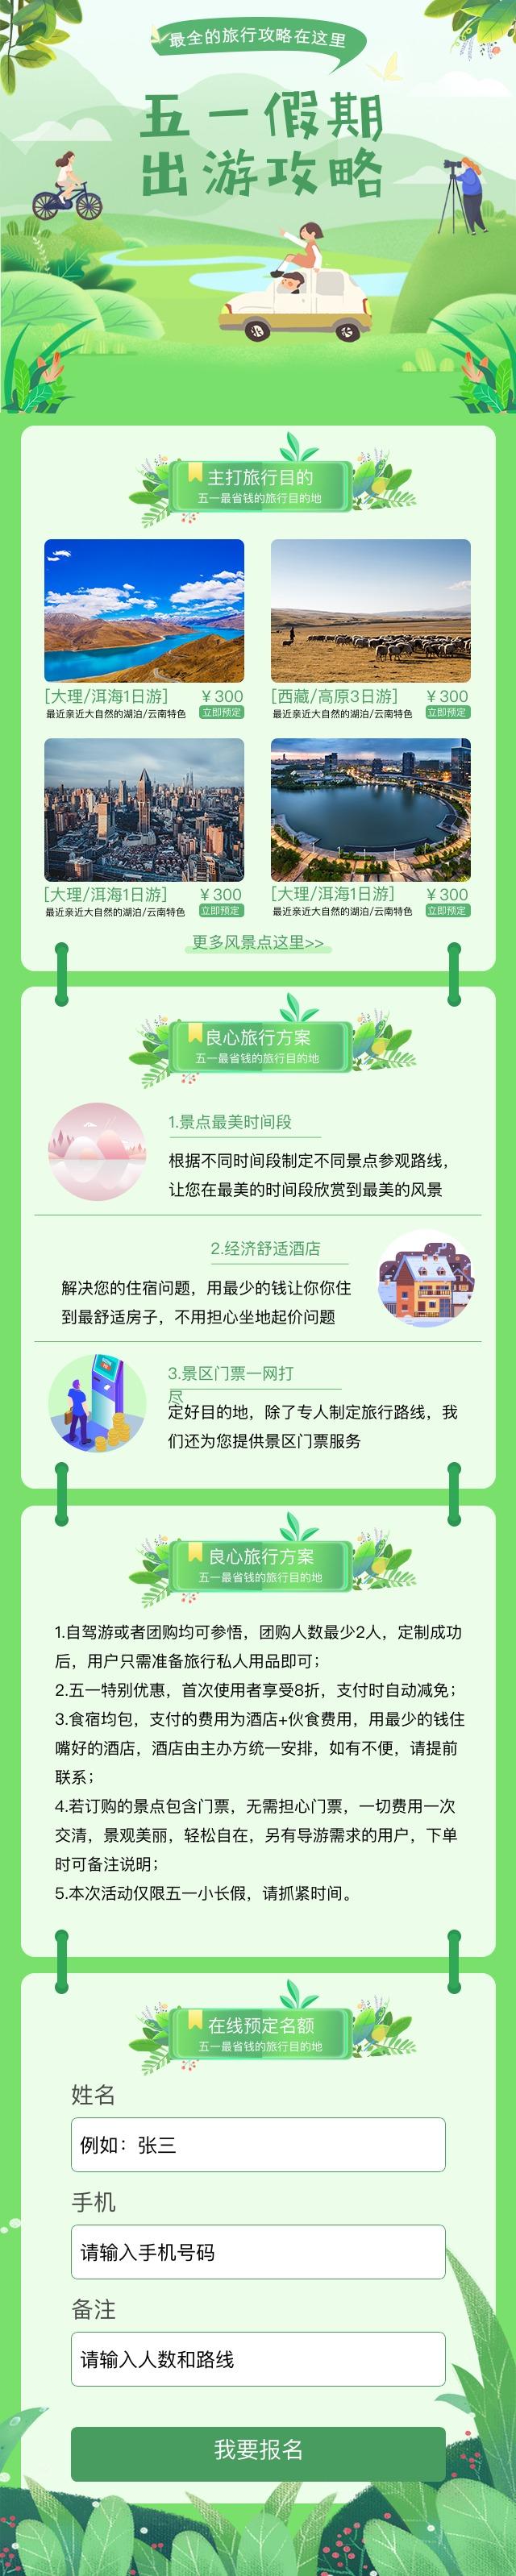 简约清新文艺五一旅游促销活动单页宣传推广